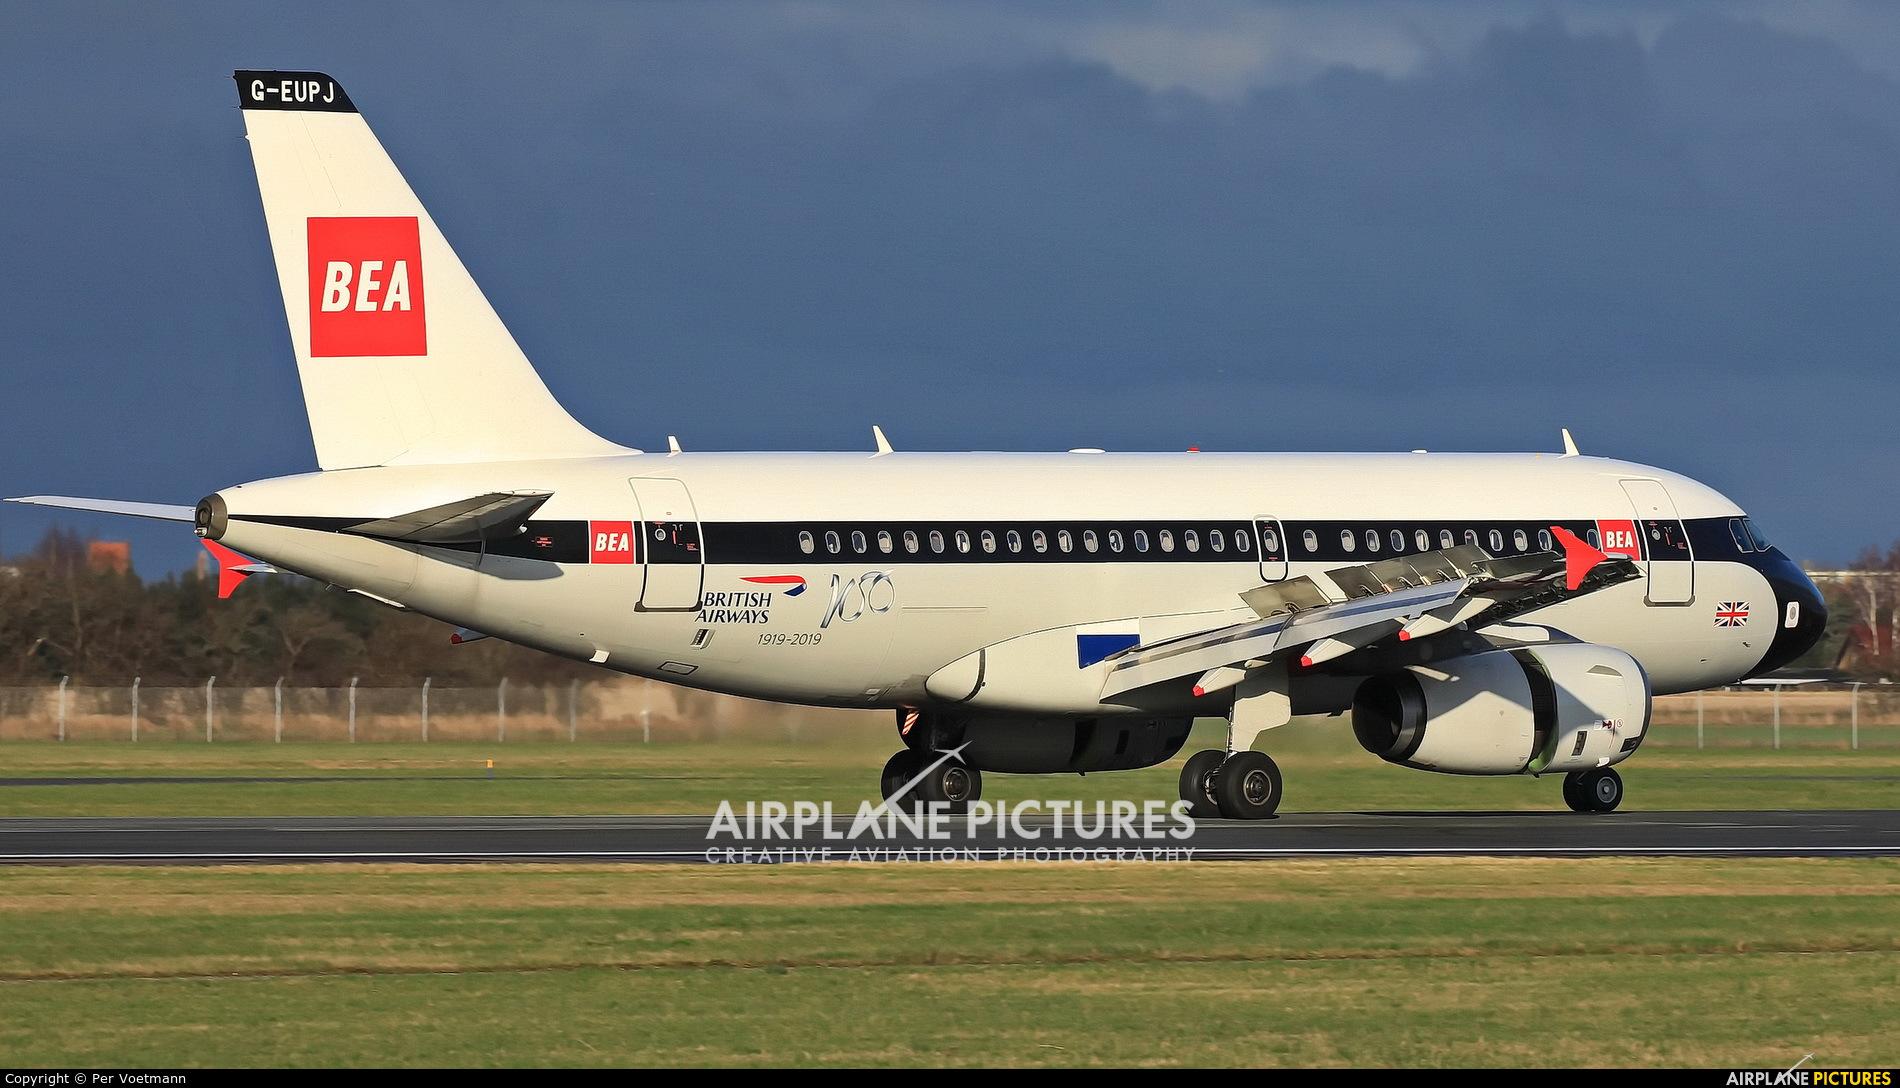 British Airways G-EUPJ aircraft at Copenhagen Kastrup